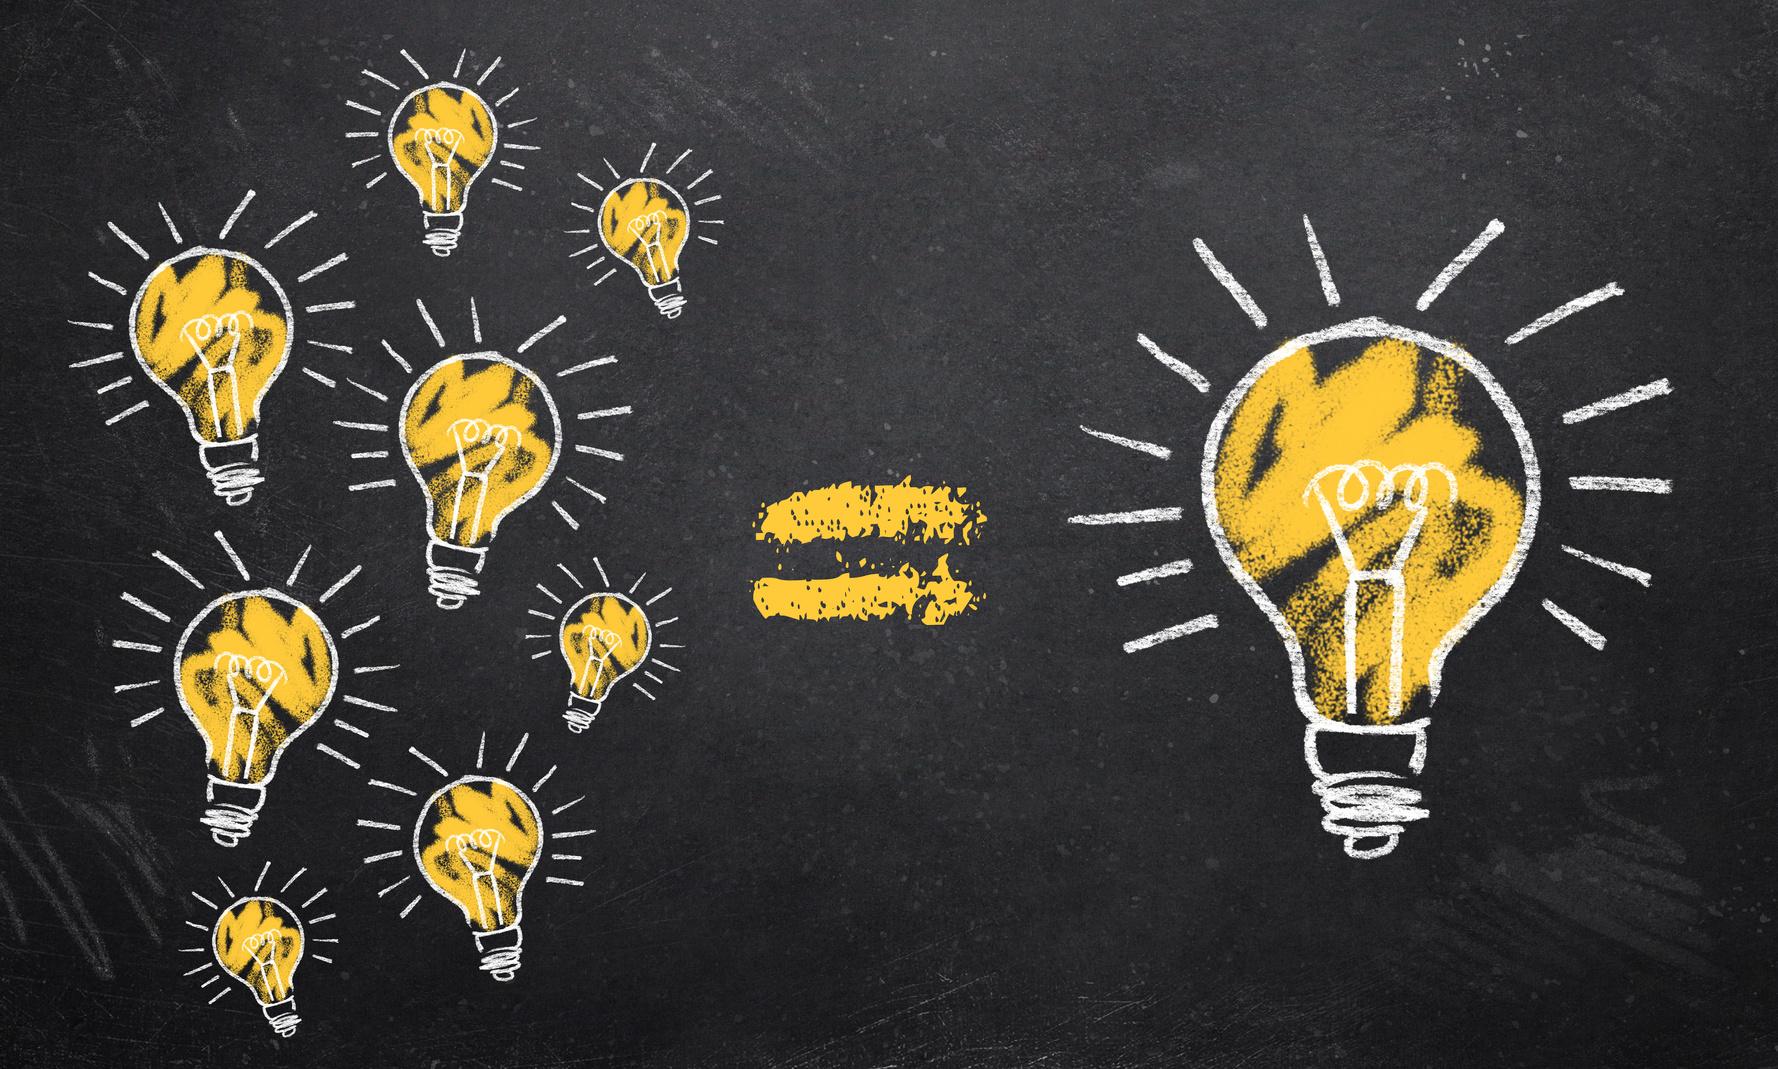 Creative And Smart Lg Cns 내 머릿속의 반짝이는 생각들 어떻게 표현해야